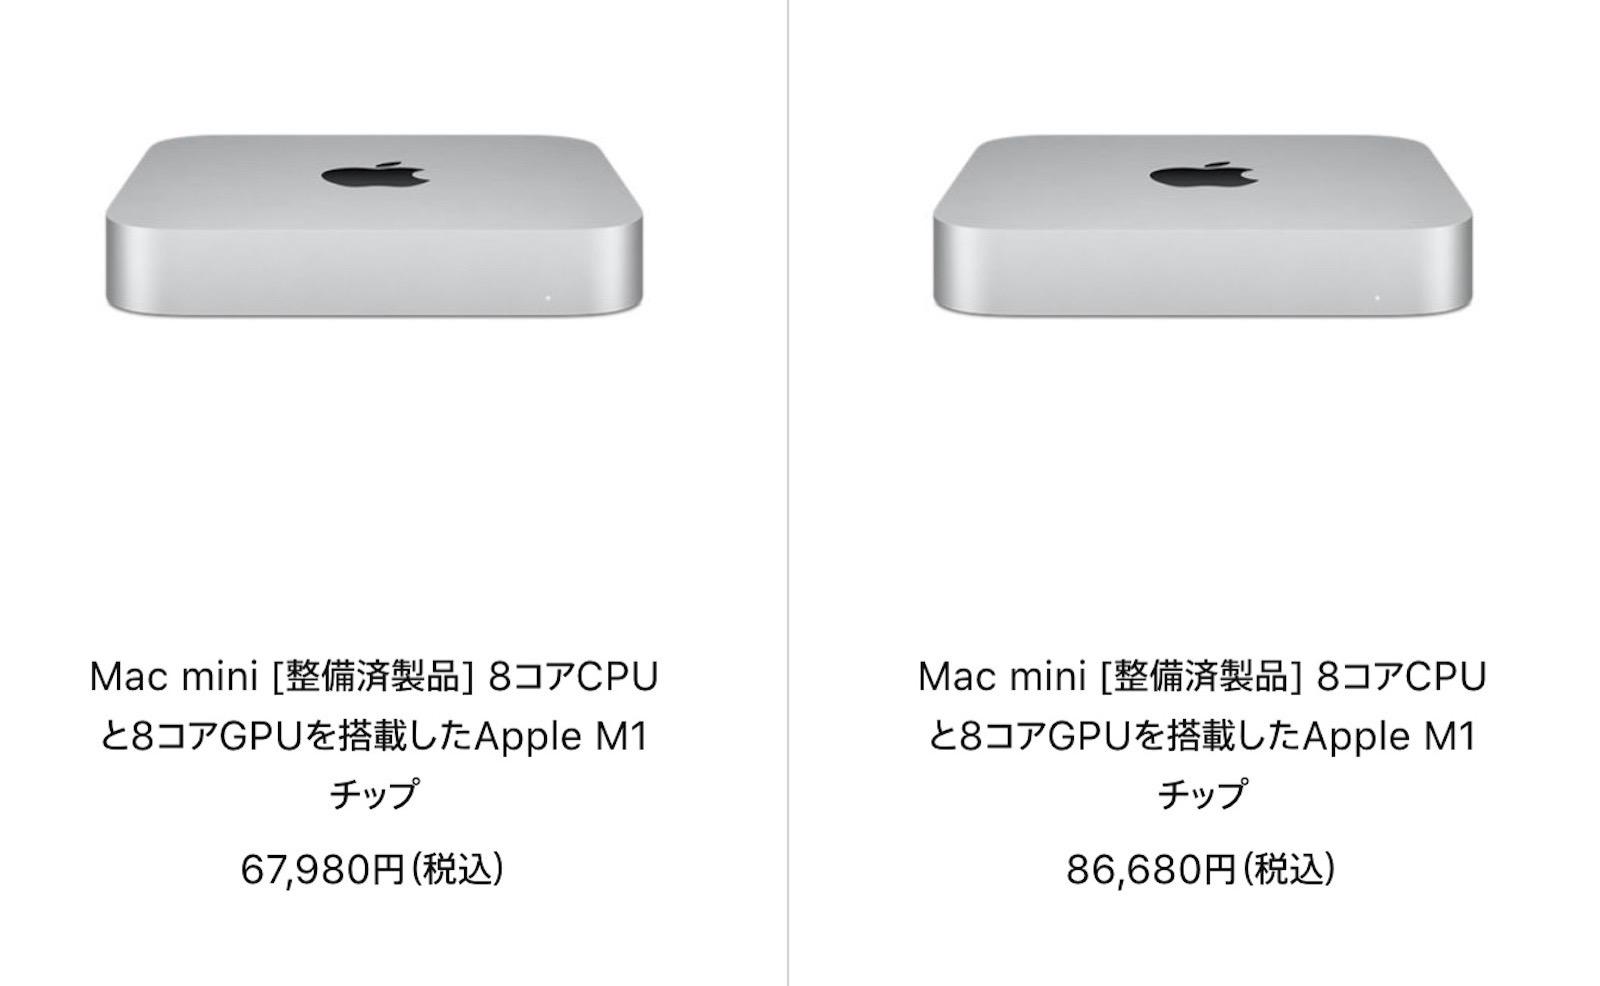 Mac mini refurbished sale